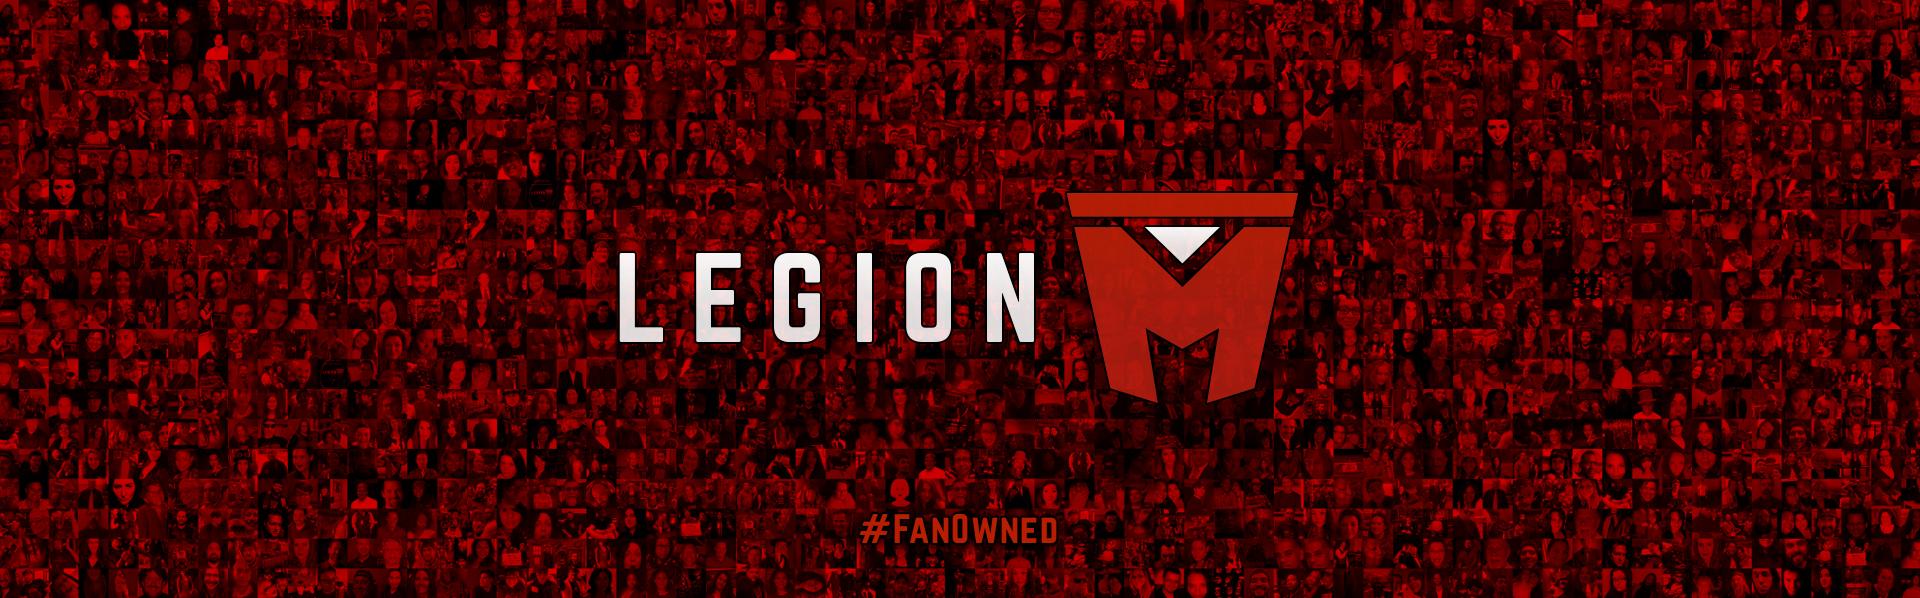 Mandy Legion M Mosaic